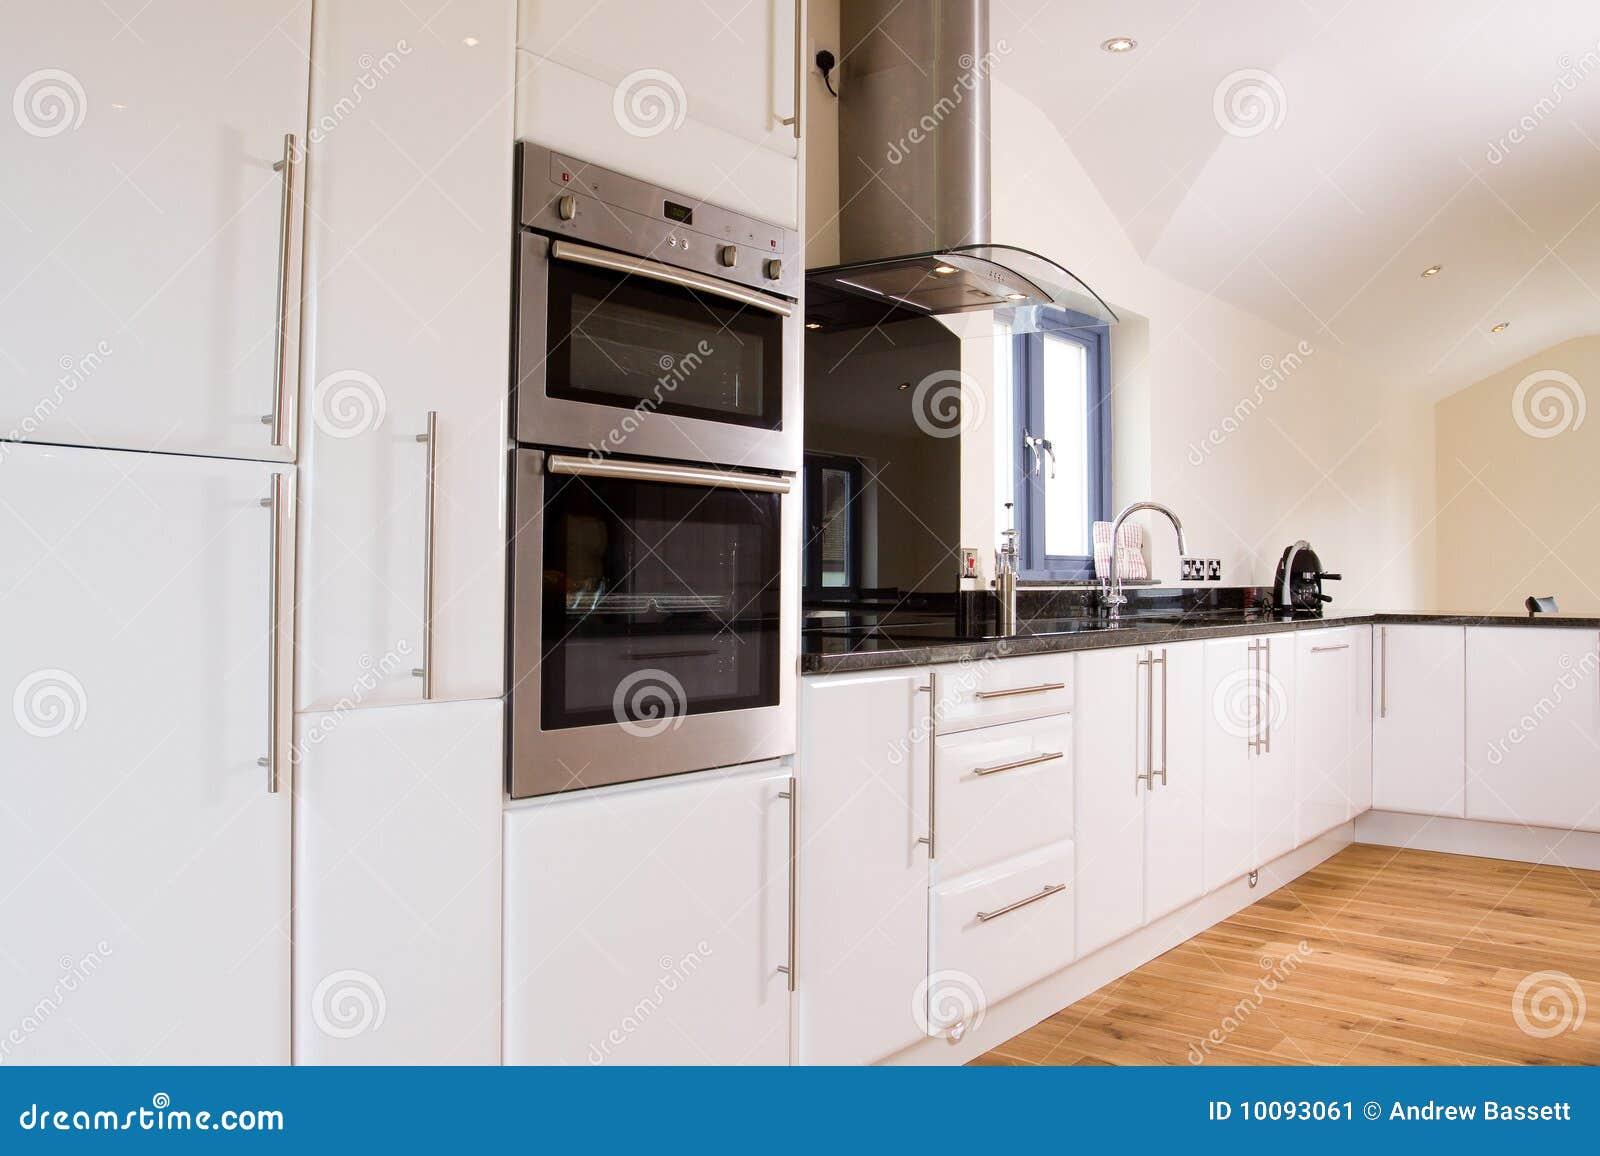 sch ne moderne k che stockbild bild 10093061. Black Bedroom Furniture Sets. Home Design Ideas